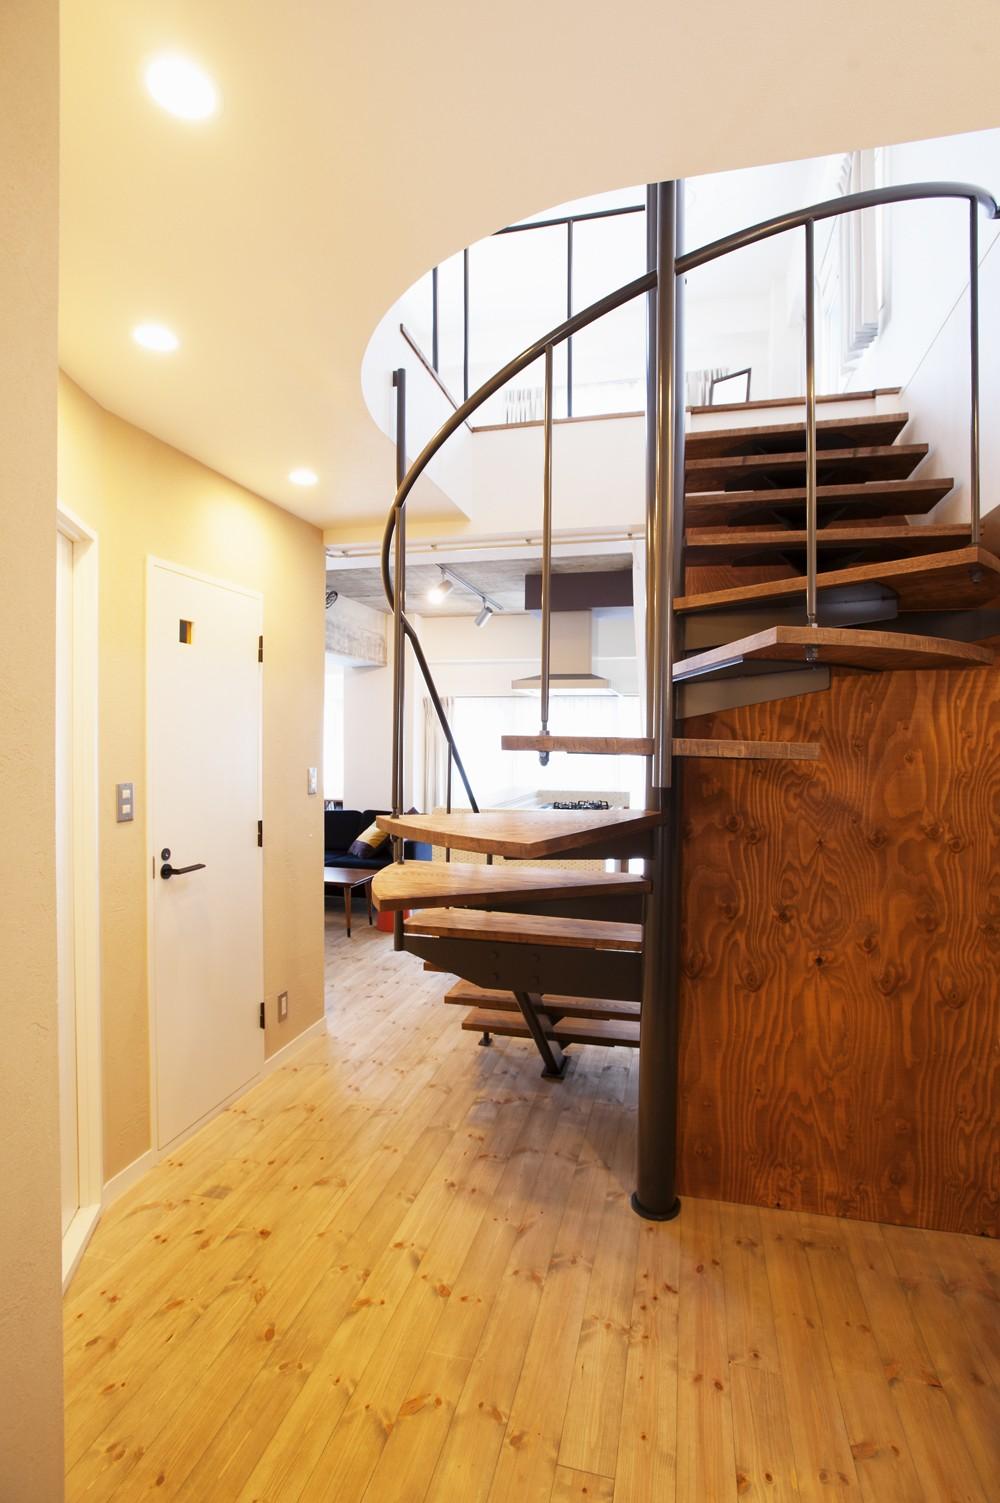 その他事例:階段(I様邸_昭和時代の喫茶店のようないえ)